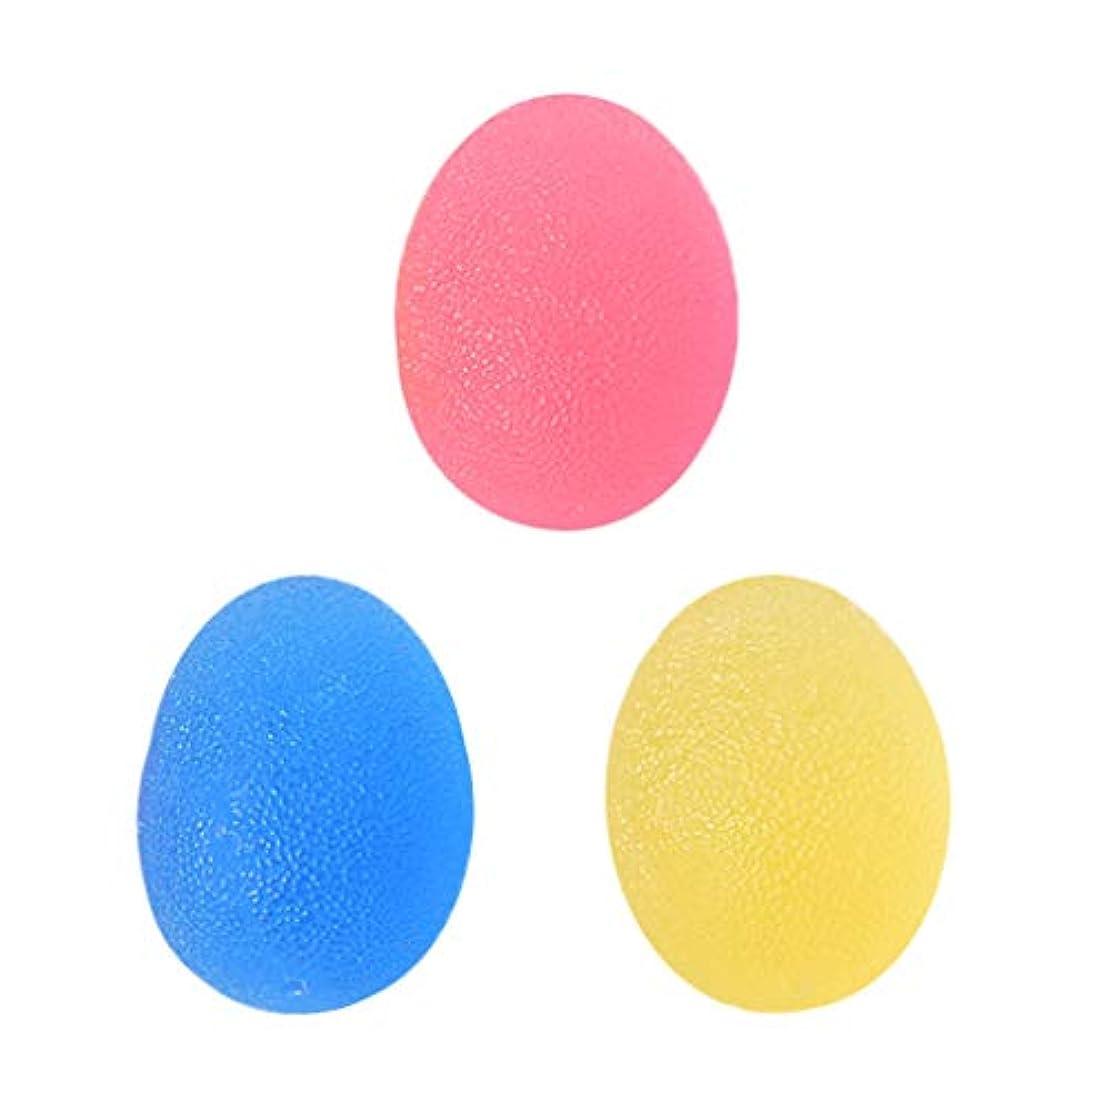 申し立てるレザー手段Baoblaze 3個 ハンドエクササイザ スクイズボール ツボ押し 強度ボール TPE製